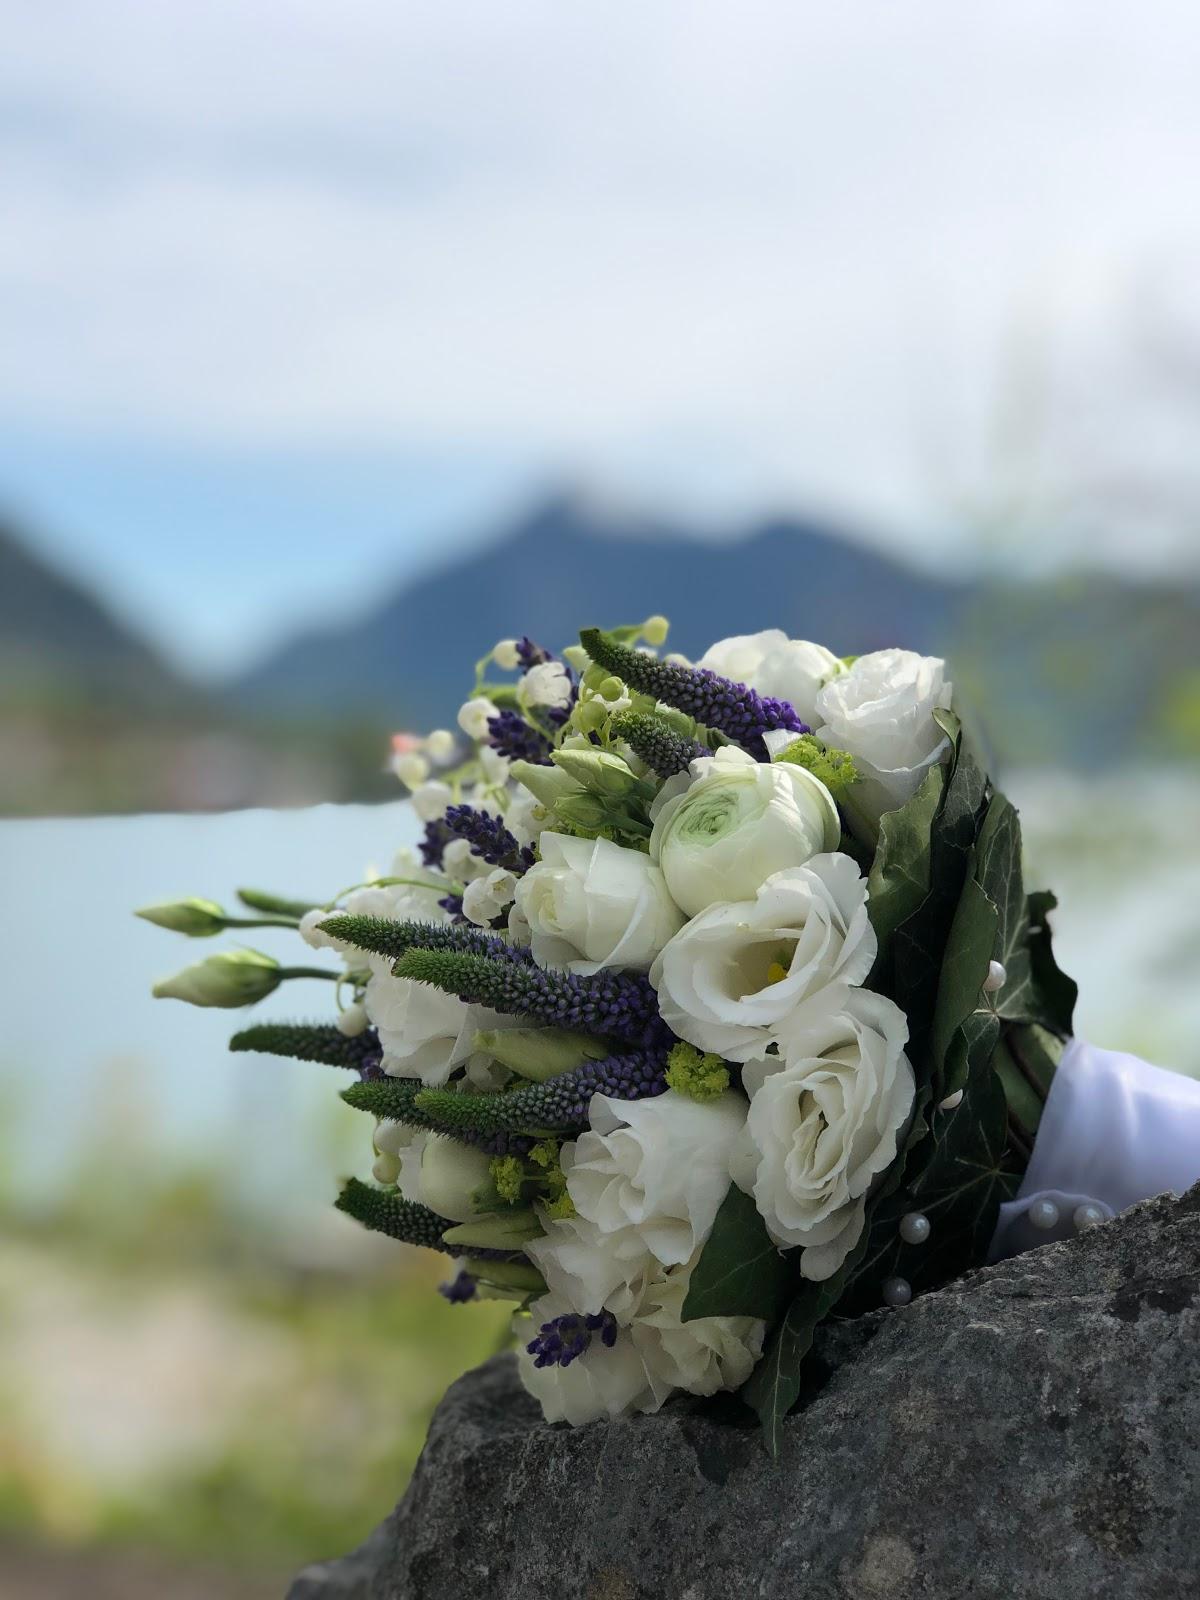 bridal bouquet, lavender, lilly of the valley, wedding weekend, destination wedding, mountain wedding, wedding in Bavaria, wedding planner, 4 weddings & events, Uschi Glas, Garmisch-Partenkirchen, Zugspitze, Garmisch wedding, Germany, wedding coordinator